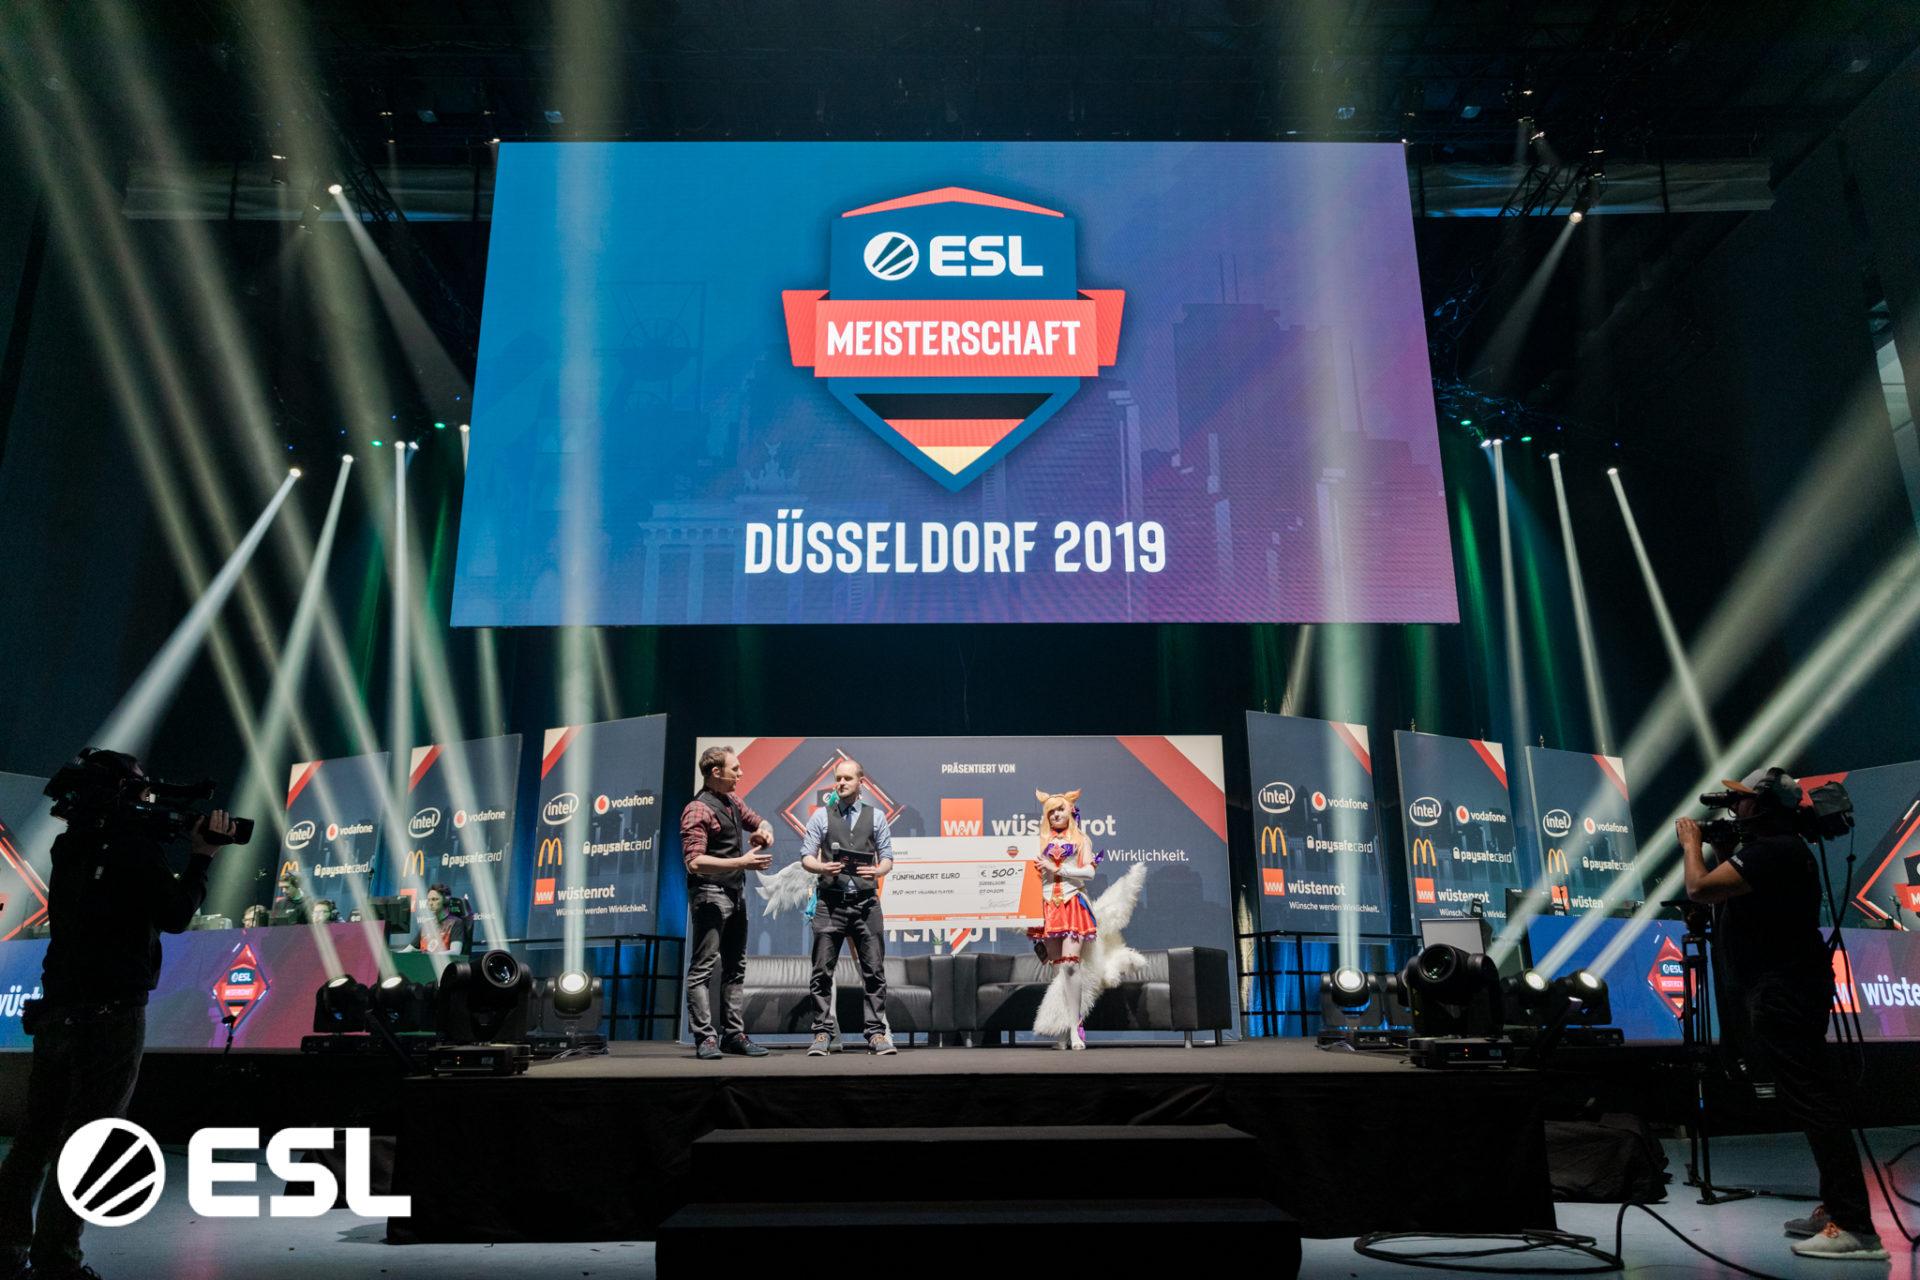 Änderungen in der ESL Meisterschaft für den Sommer 2019 und 2020